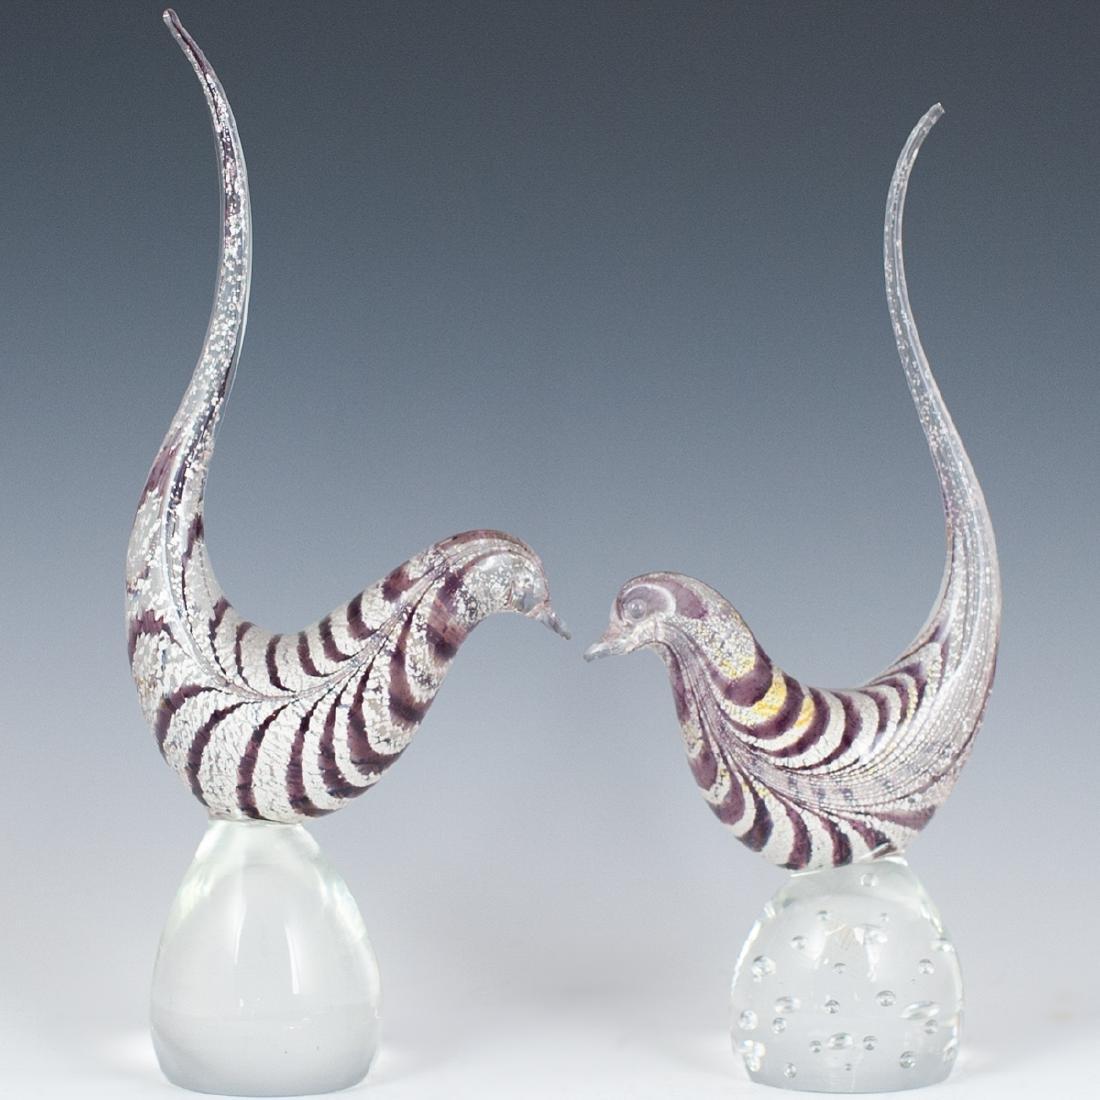 Murano Glass Birds - 3